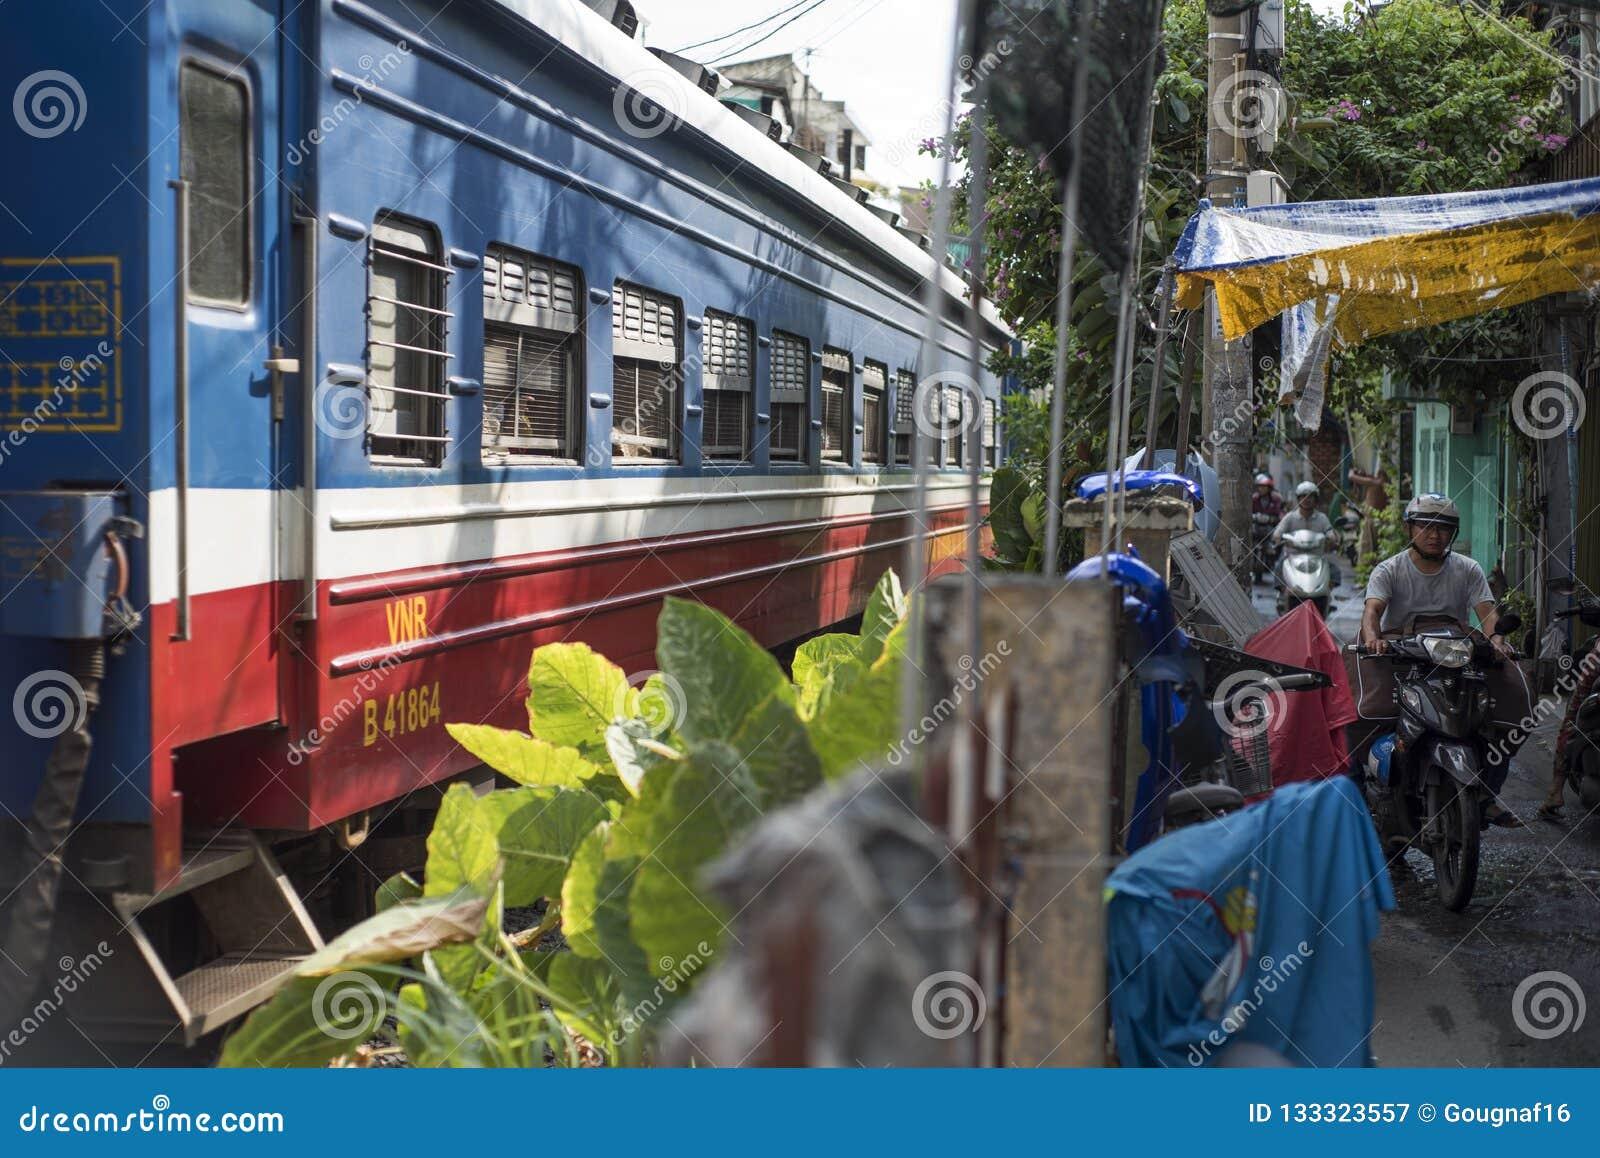 Ένα τραίνο περνά από μια μικροσκοπική διάβαση με τα μηχανικά δίκυκλα που οδηγούν στη πόλη Χο Τσι Μινχ, Βιετνάμ